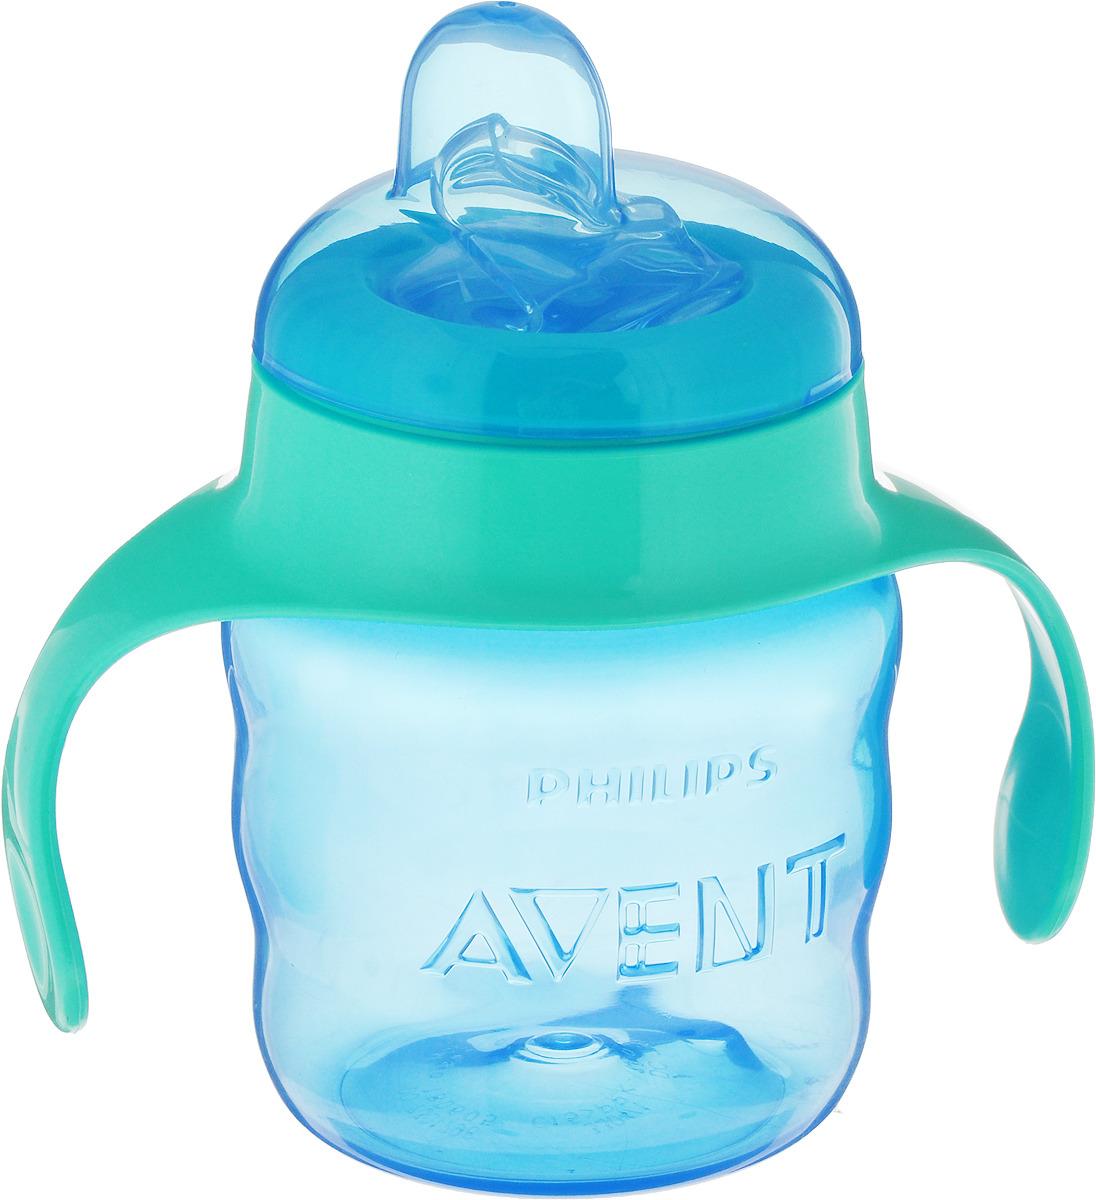 Чашка-непроливайка Philips Avent с мягким носиком для мальчиков от 6 месяцев, 200 мл. SCF551/05 бутылочка для кормления philips avent с мягким носиком и ручками от 4 месяцев цвет белый